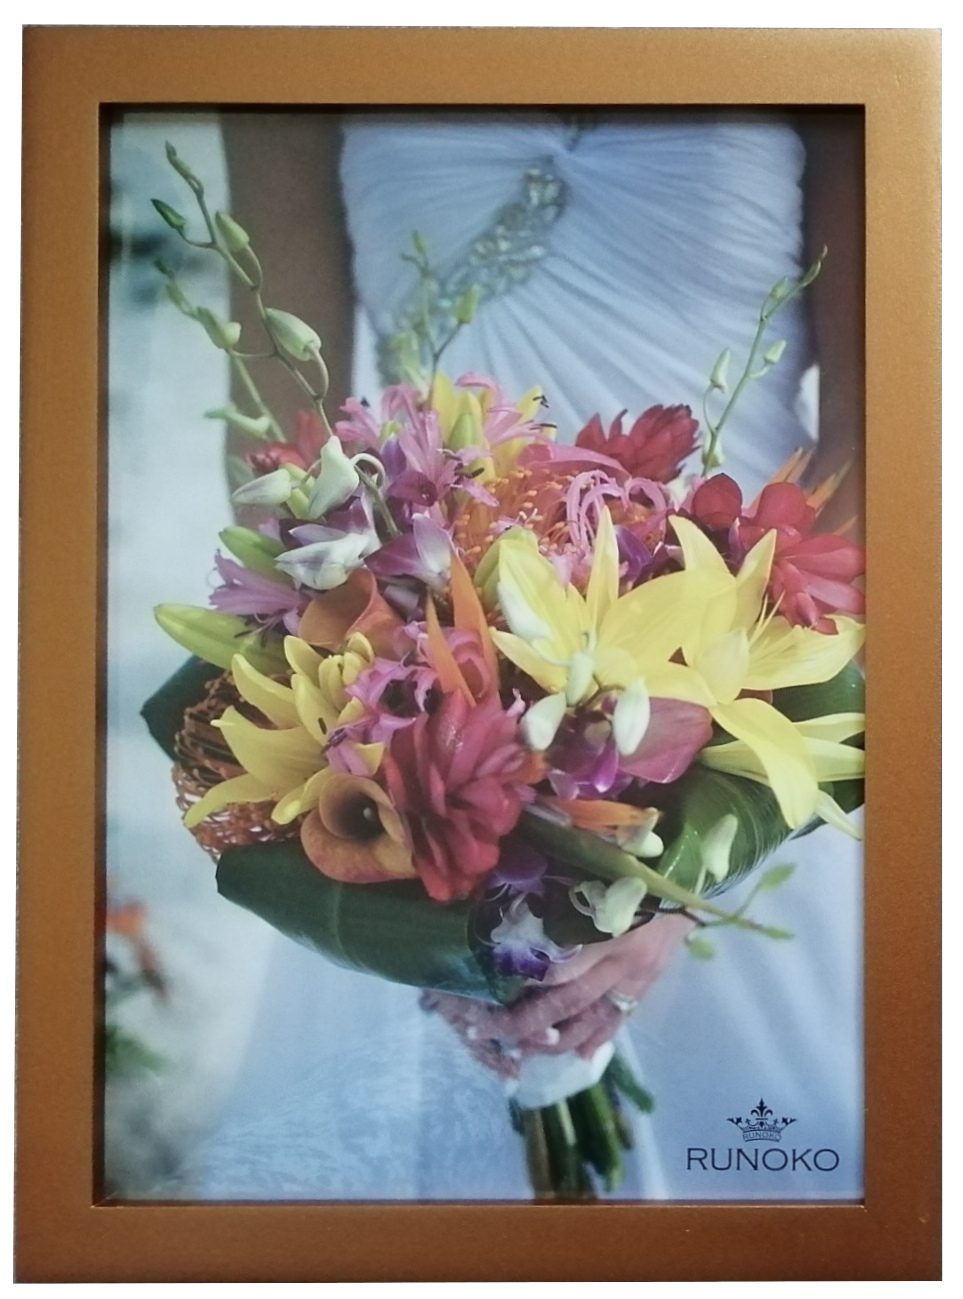 купить фоторамку на свадьбу